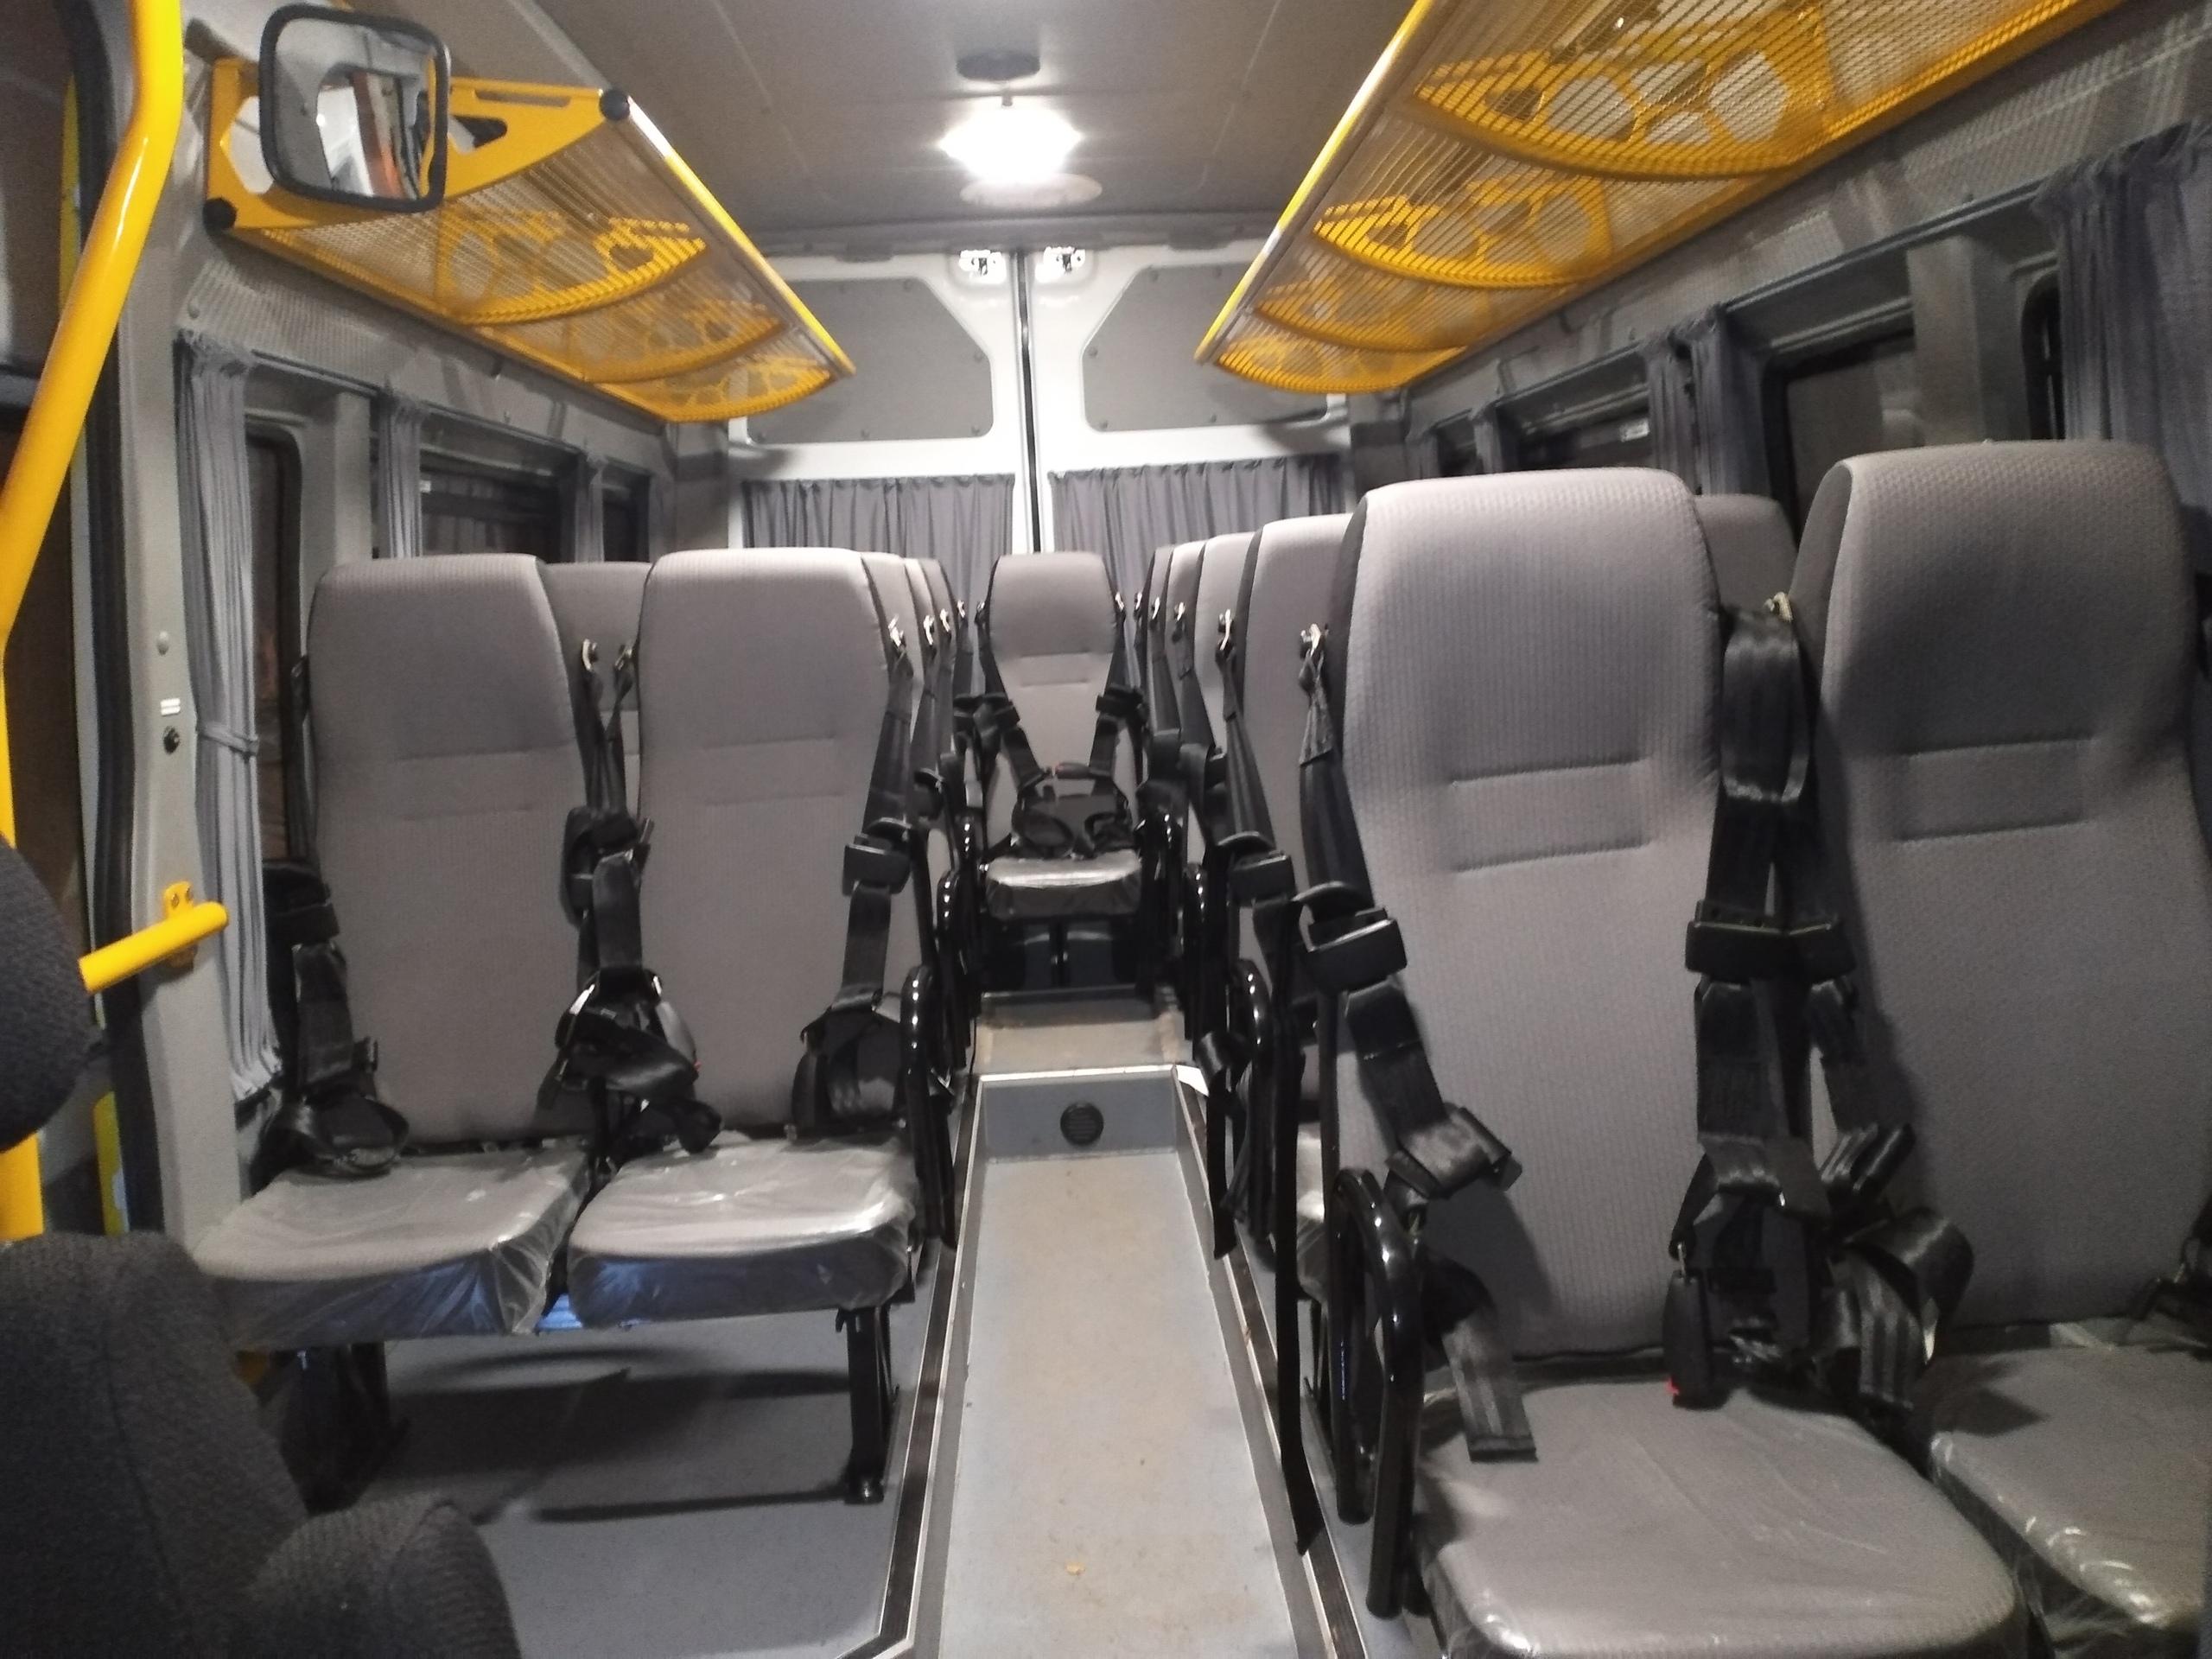 Образовательным учреждениям Удорского района вручили ключи от школьных автобусов